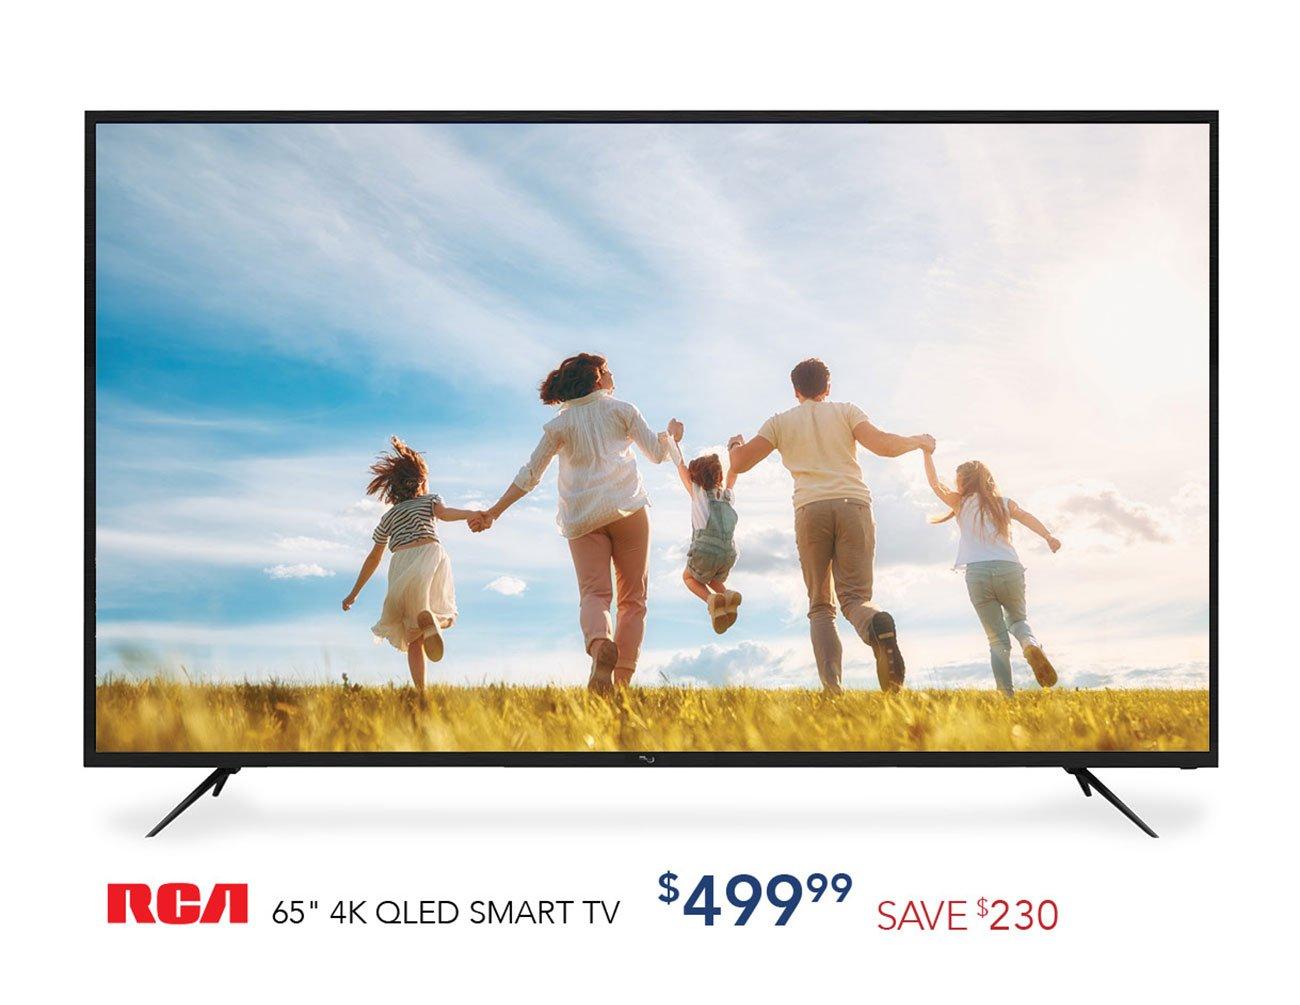 RCA-QLED-Smart-TV